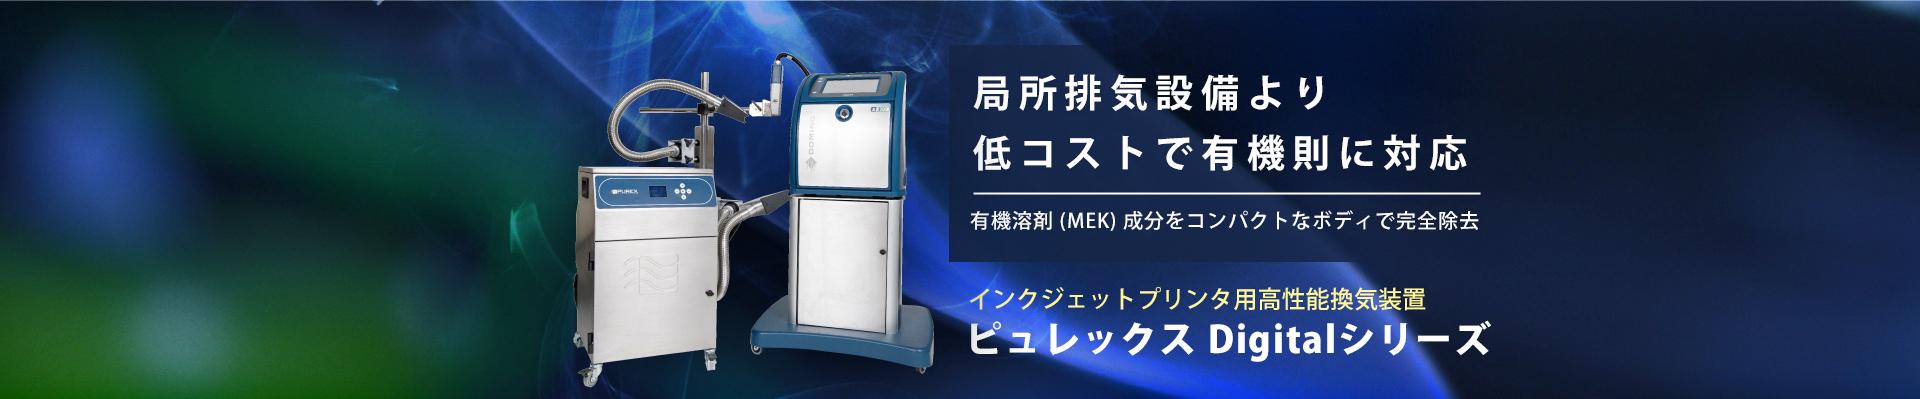 インクジェットプリンタ用高性能換気装置 ピュレックス Digitalシリーズ 【有機溶剤対策に】